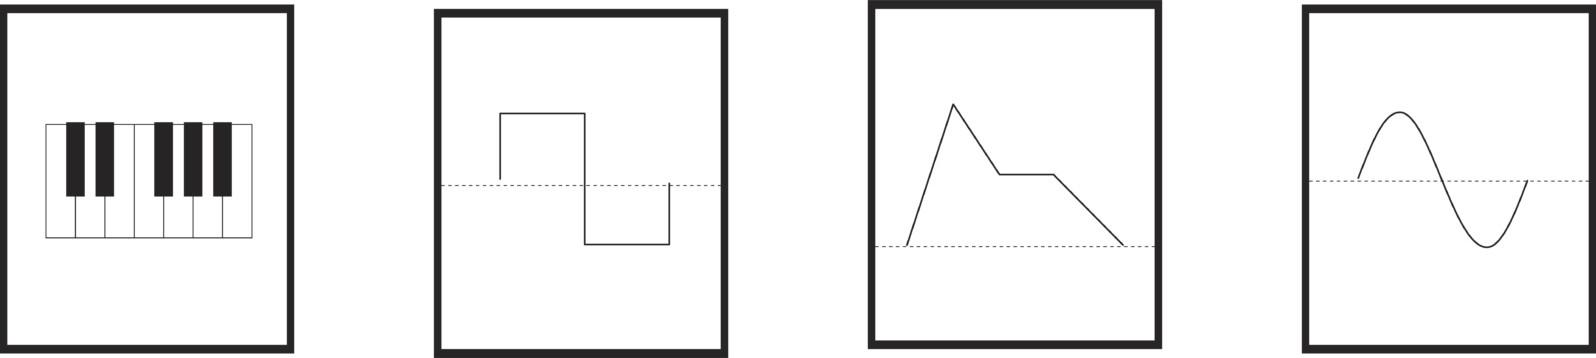 О модульных синтезаторах простым языком, часть 1, изображение №2